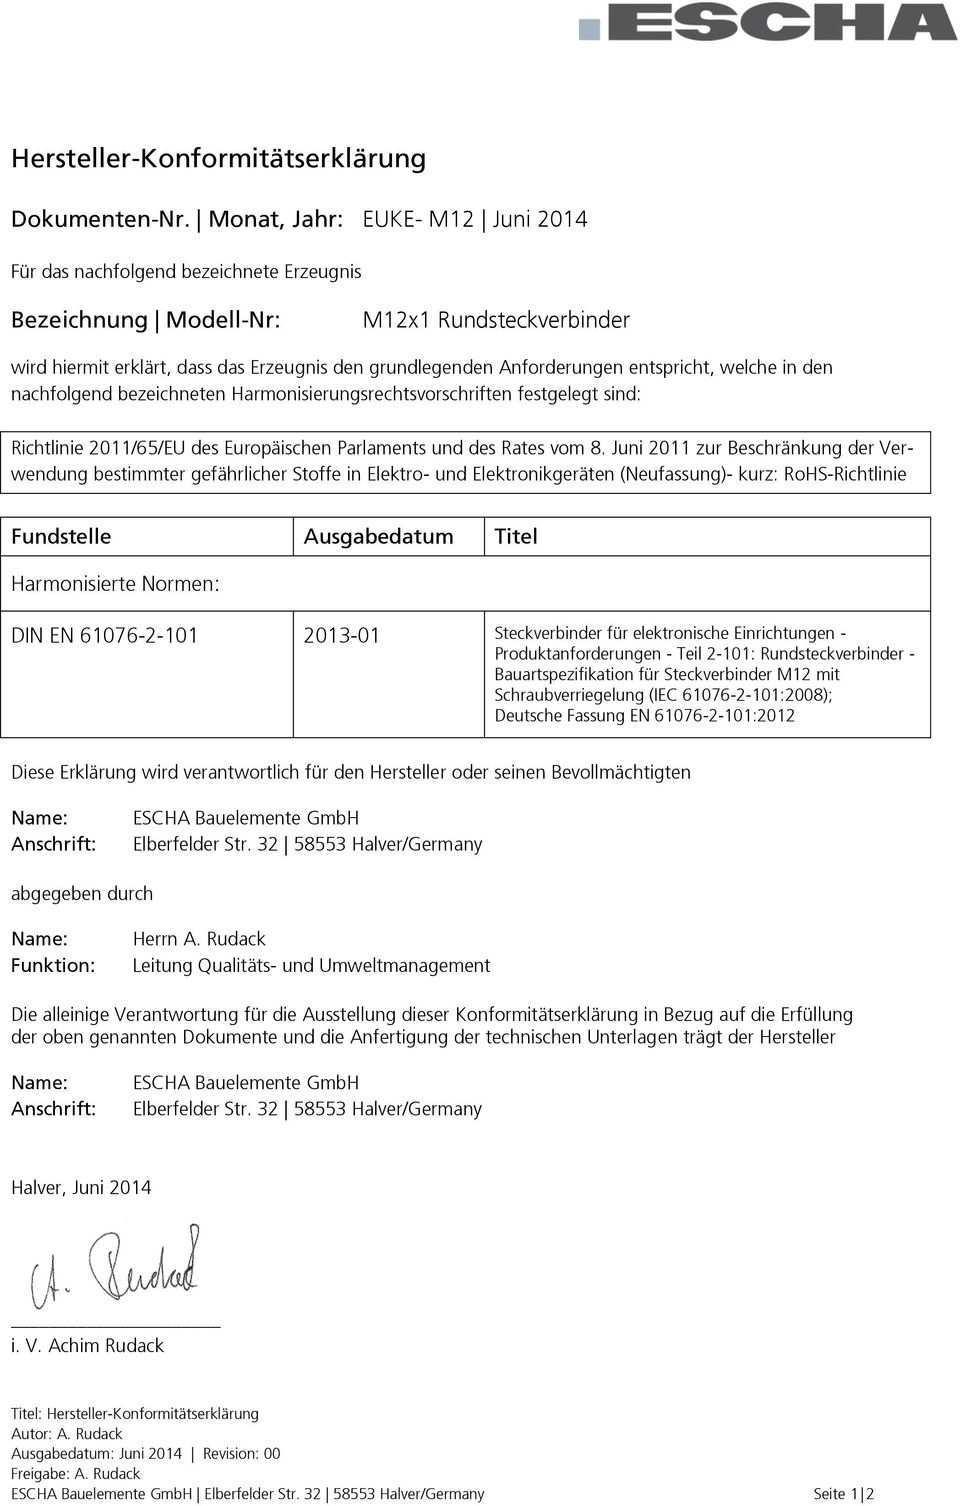 Hersteller Konformitatserklarung Pdf Kostenfreier Download